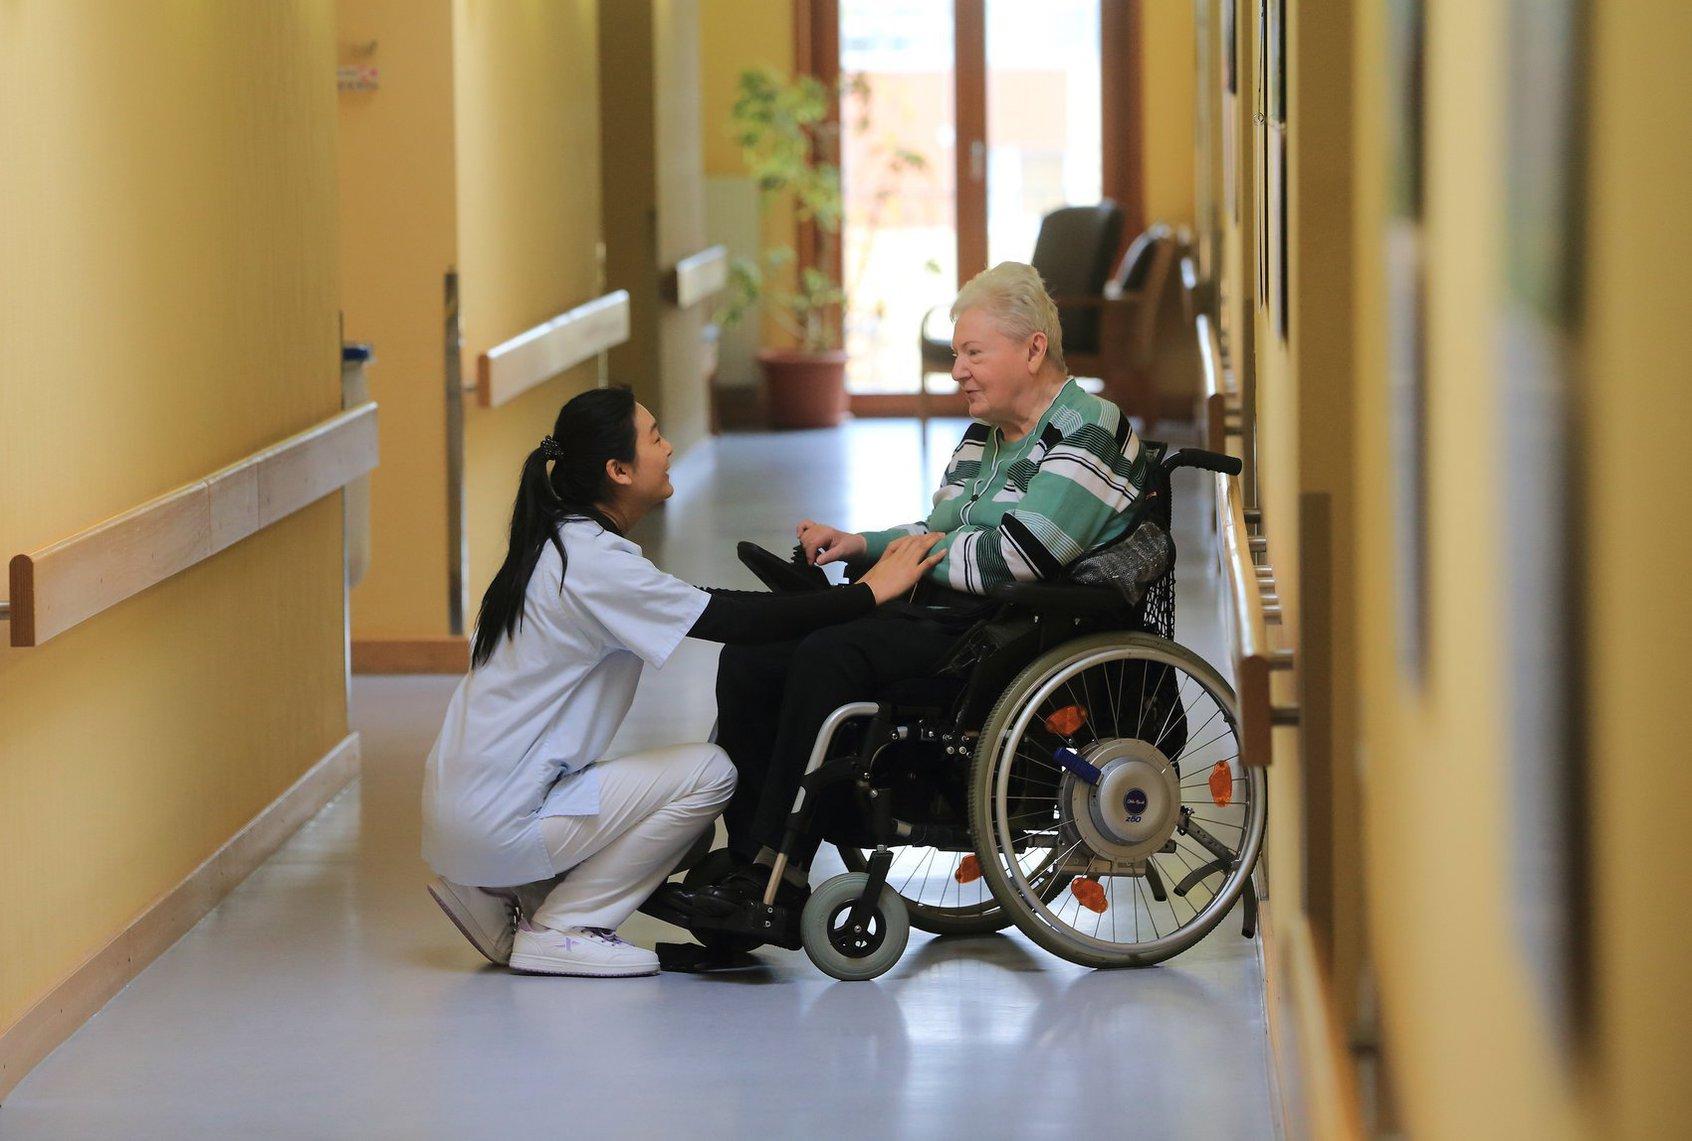 Mehr Geld für Pflegekräftegefordert Image 1